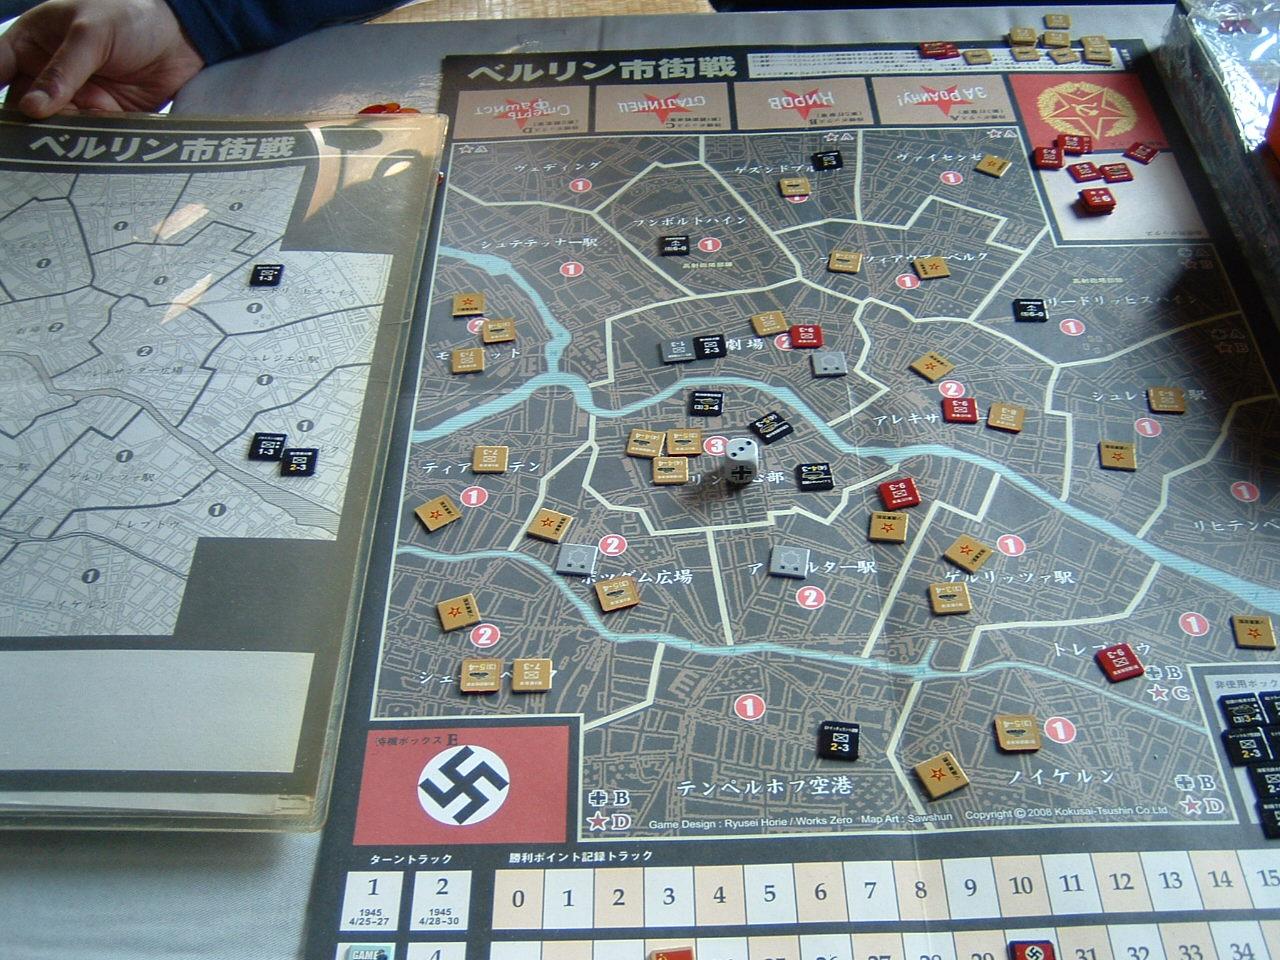 発掘2008.2.29対戦写真(CMJ誌79付録)ベルリン市街戦 その2_b0173672_12285310.jpg